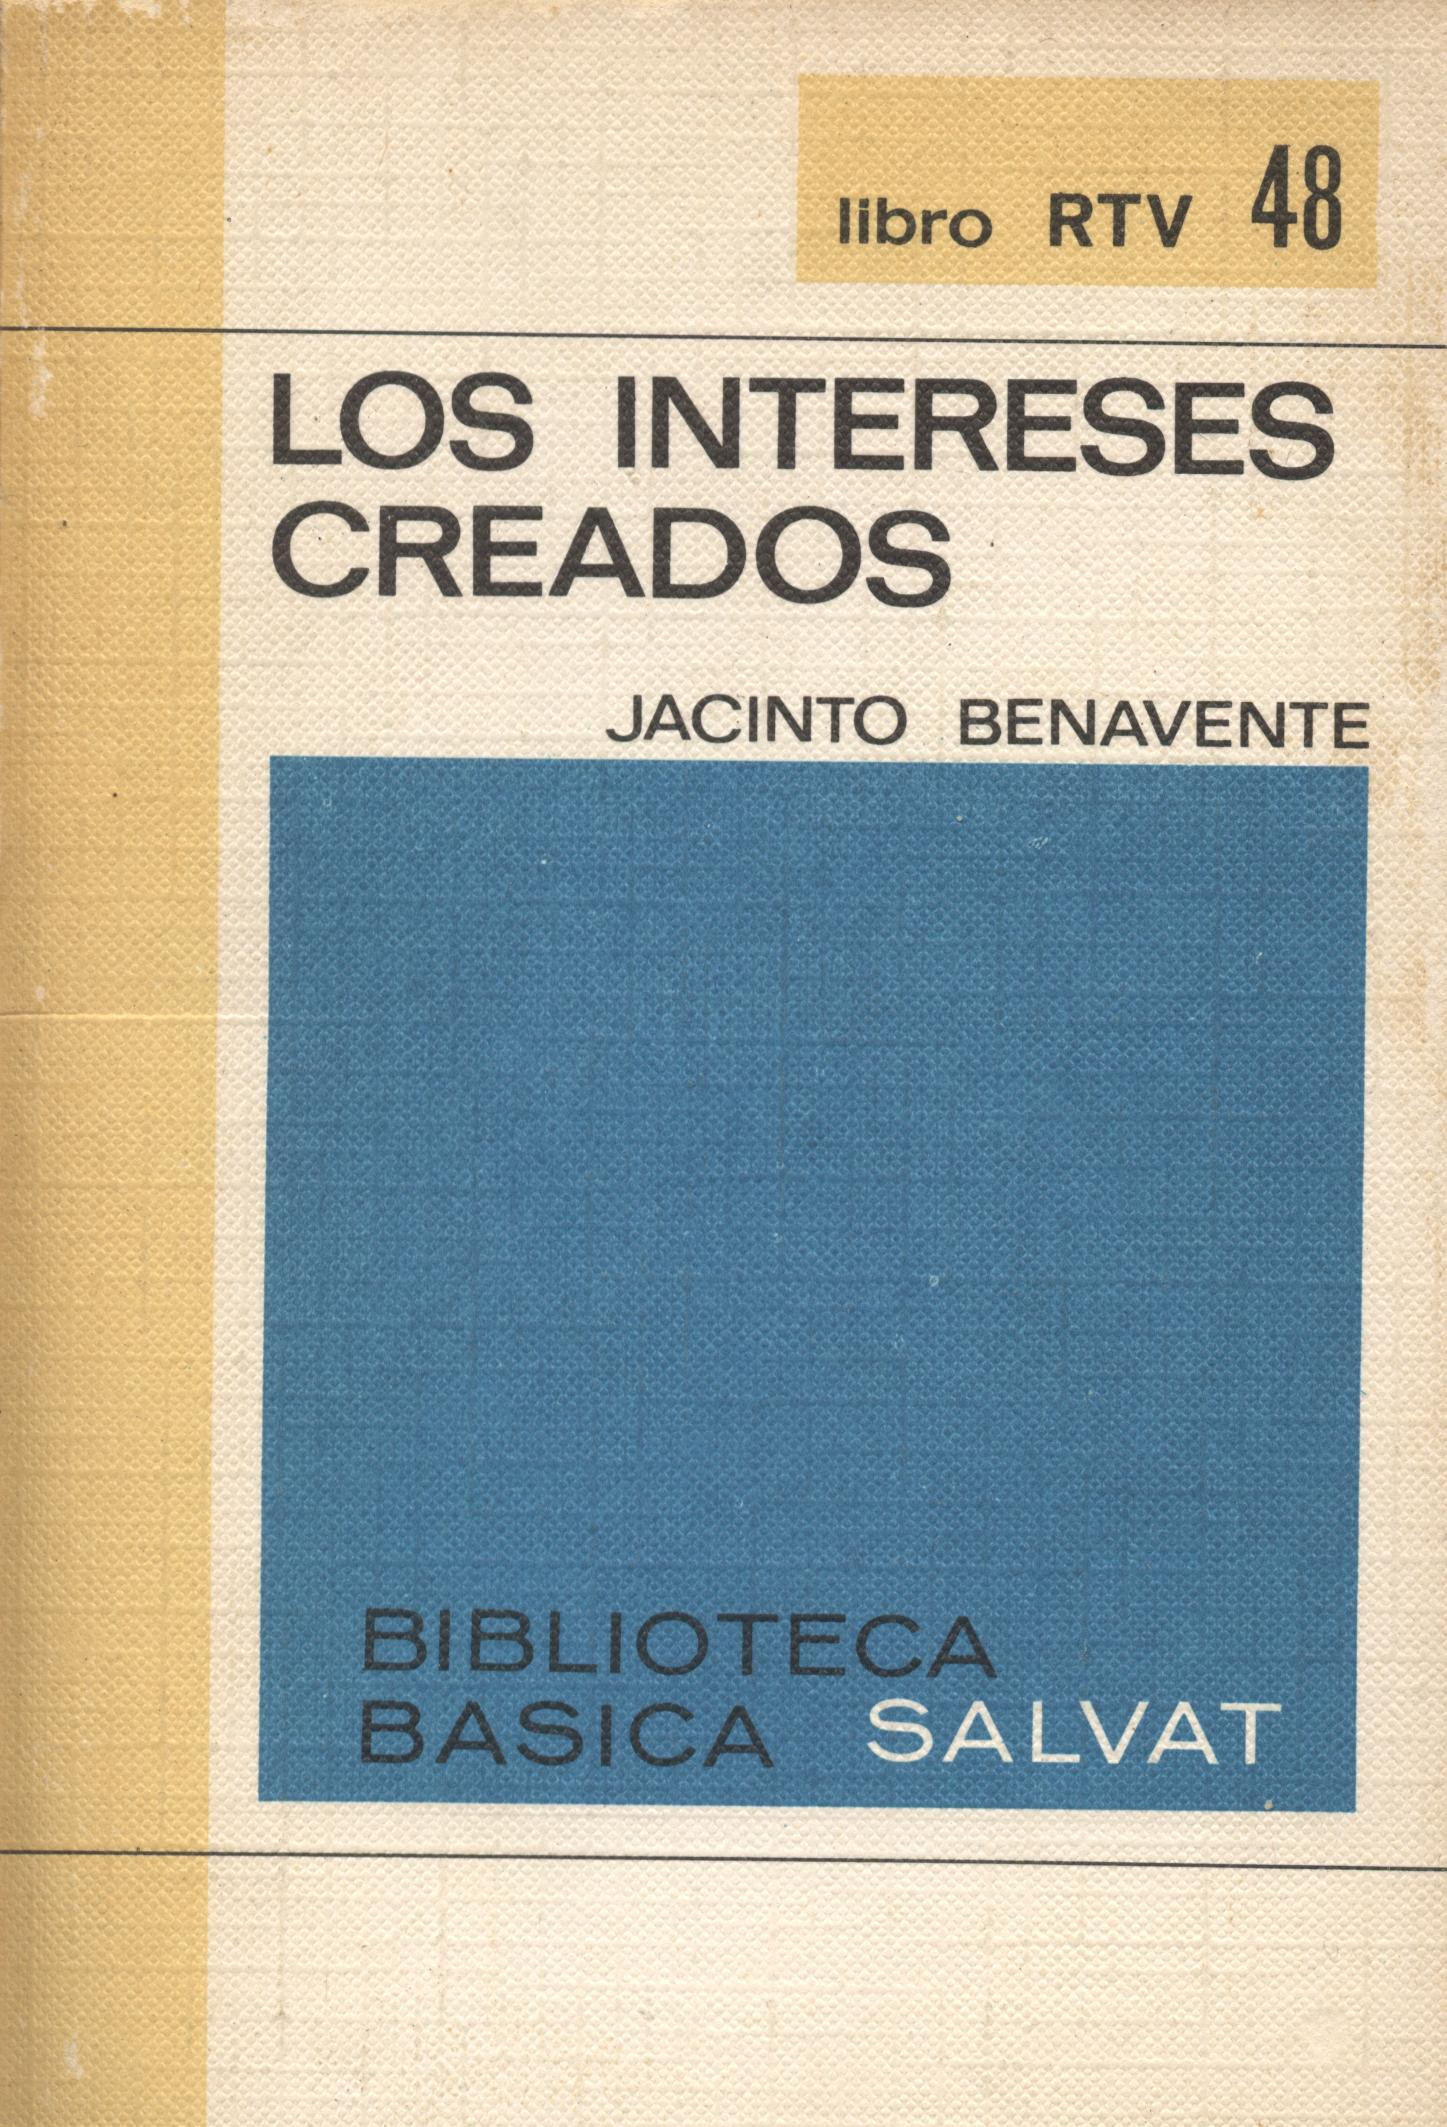 Los intereses creados - Jacinto Benavente